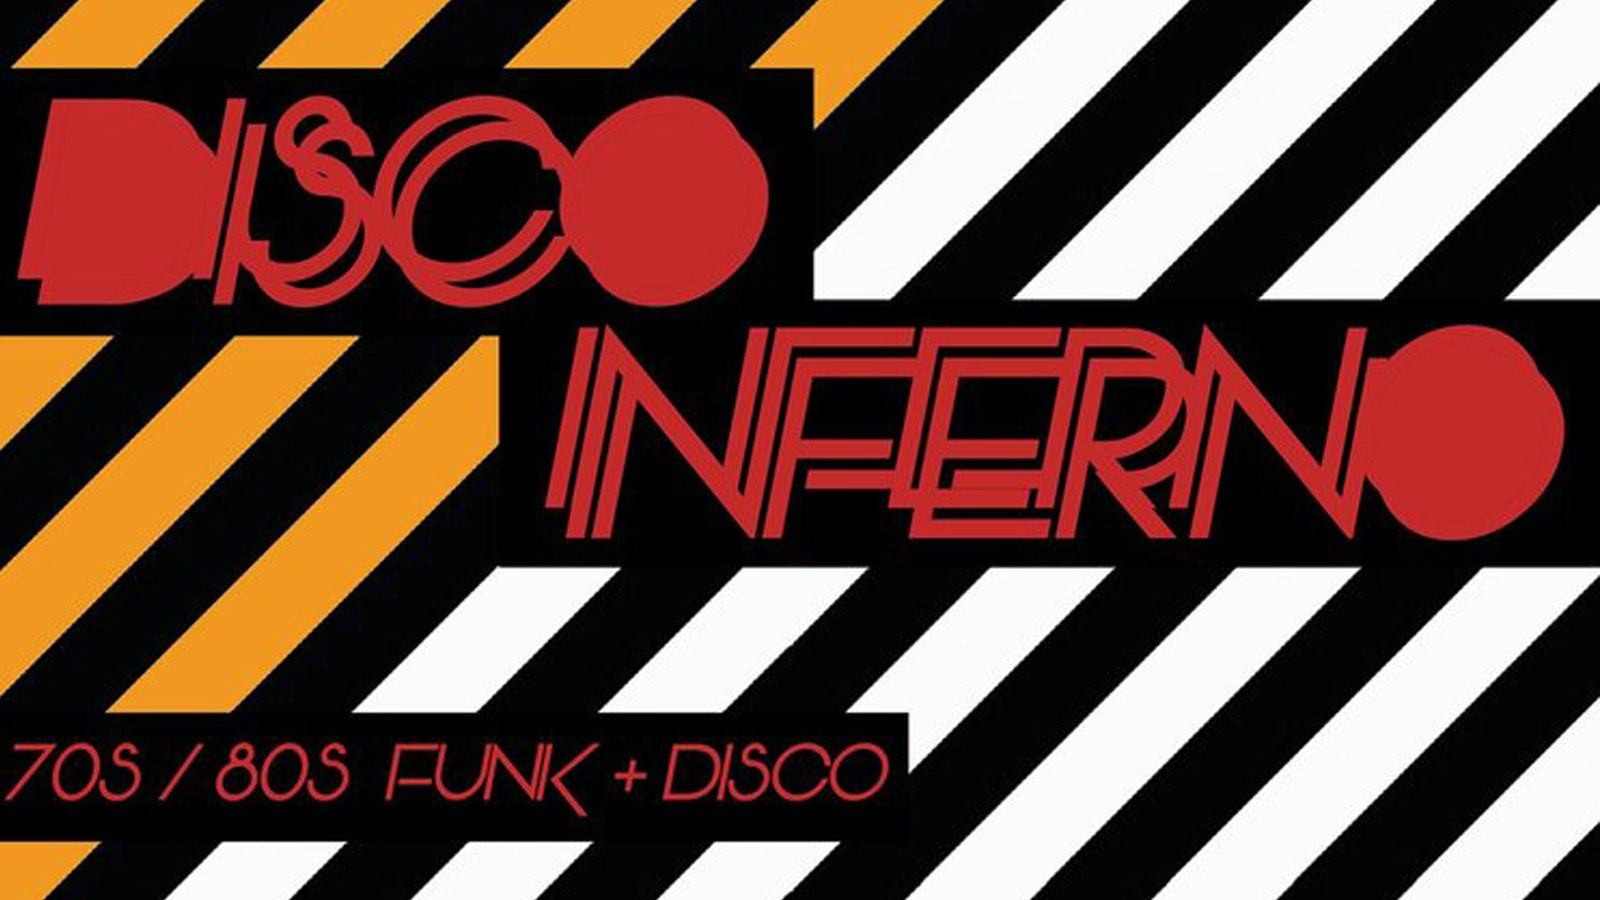 Disco Inferno // 70s 80s Funk & Disco